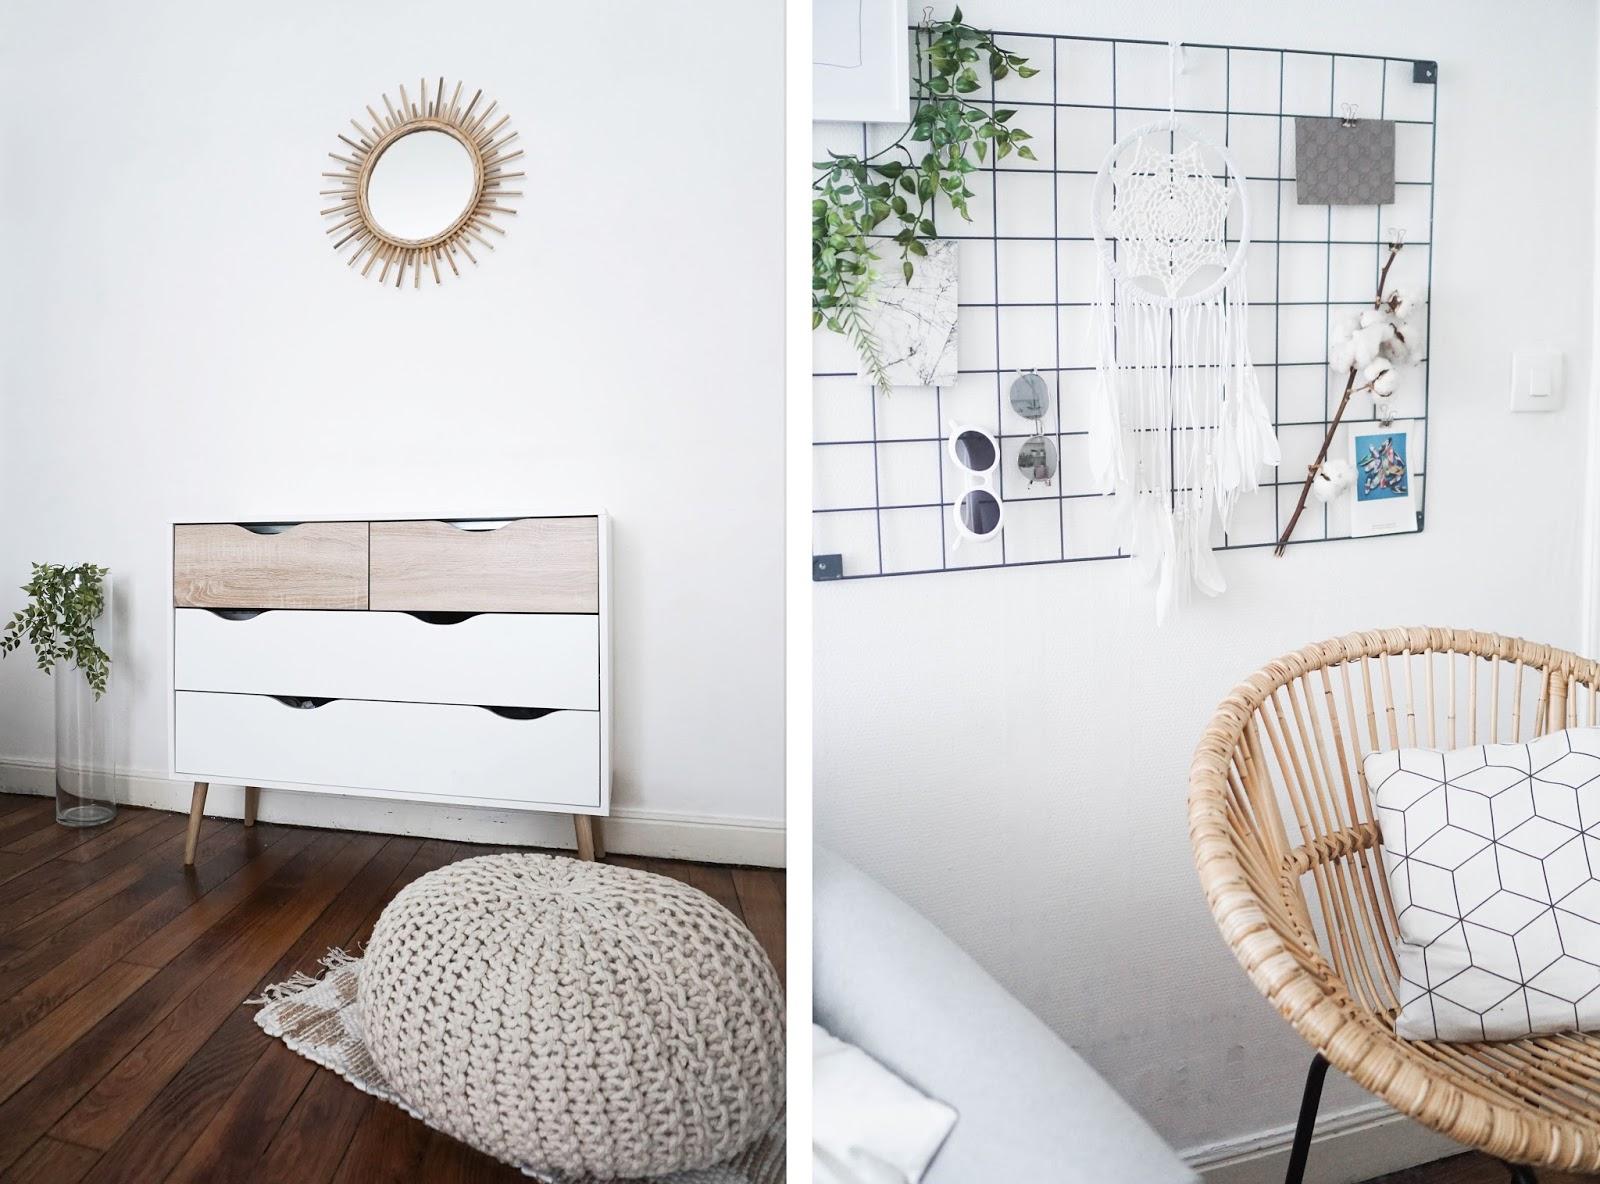 notre appartement parisien alicia mechani blog mode et lifestyle sur paris. Black Bedroom Furniture Sets. Home Design Ideas